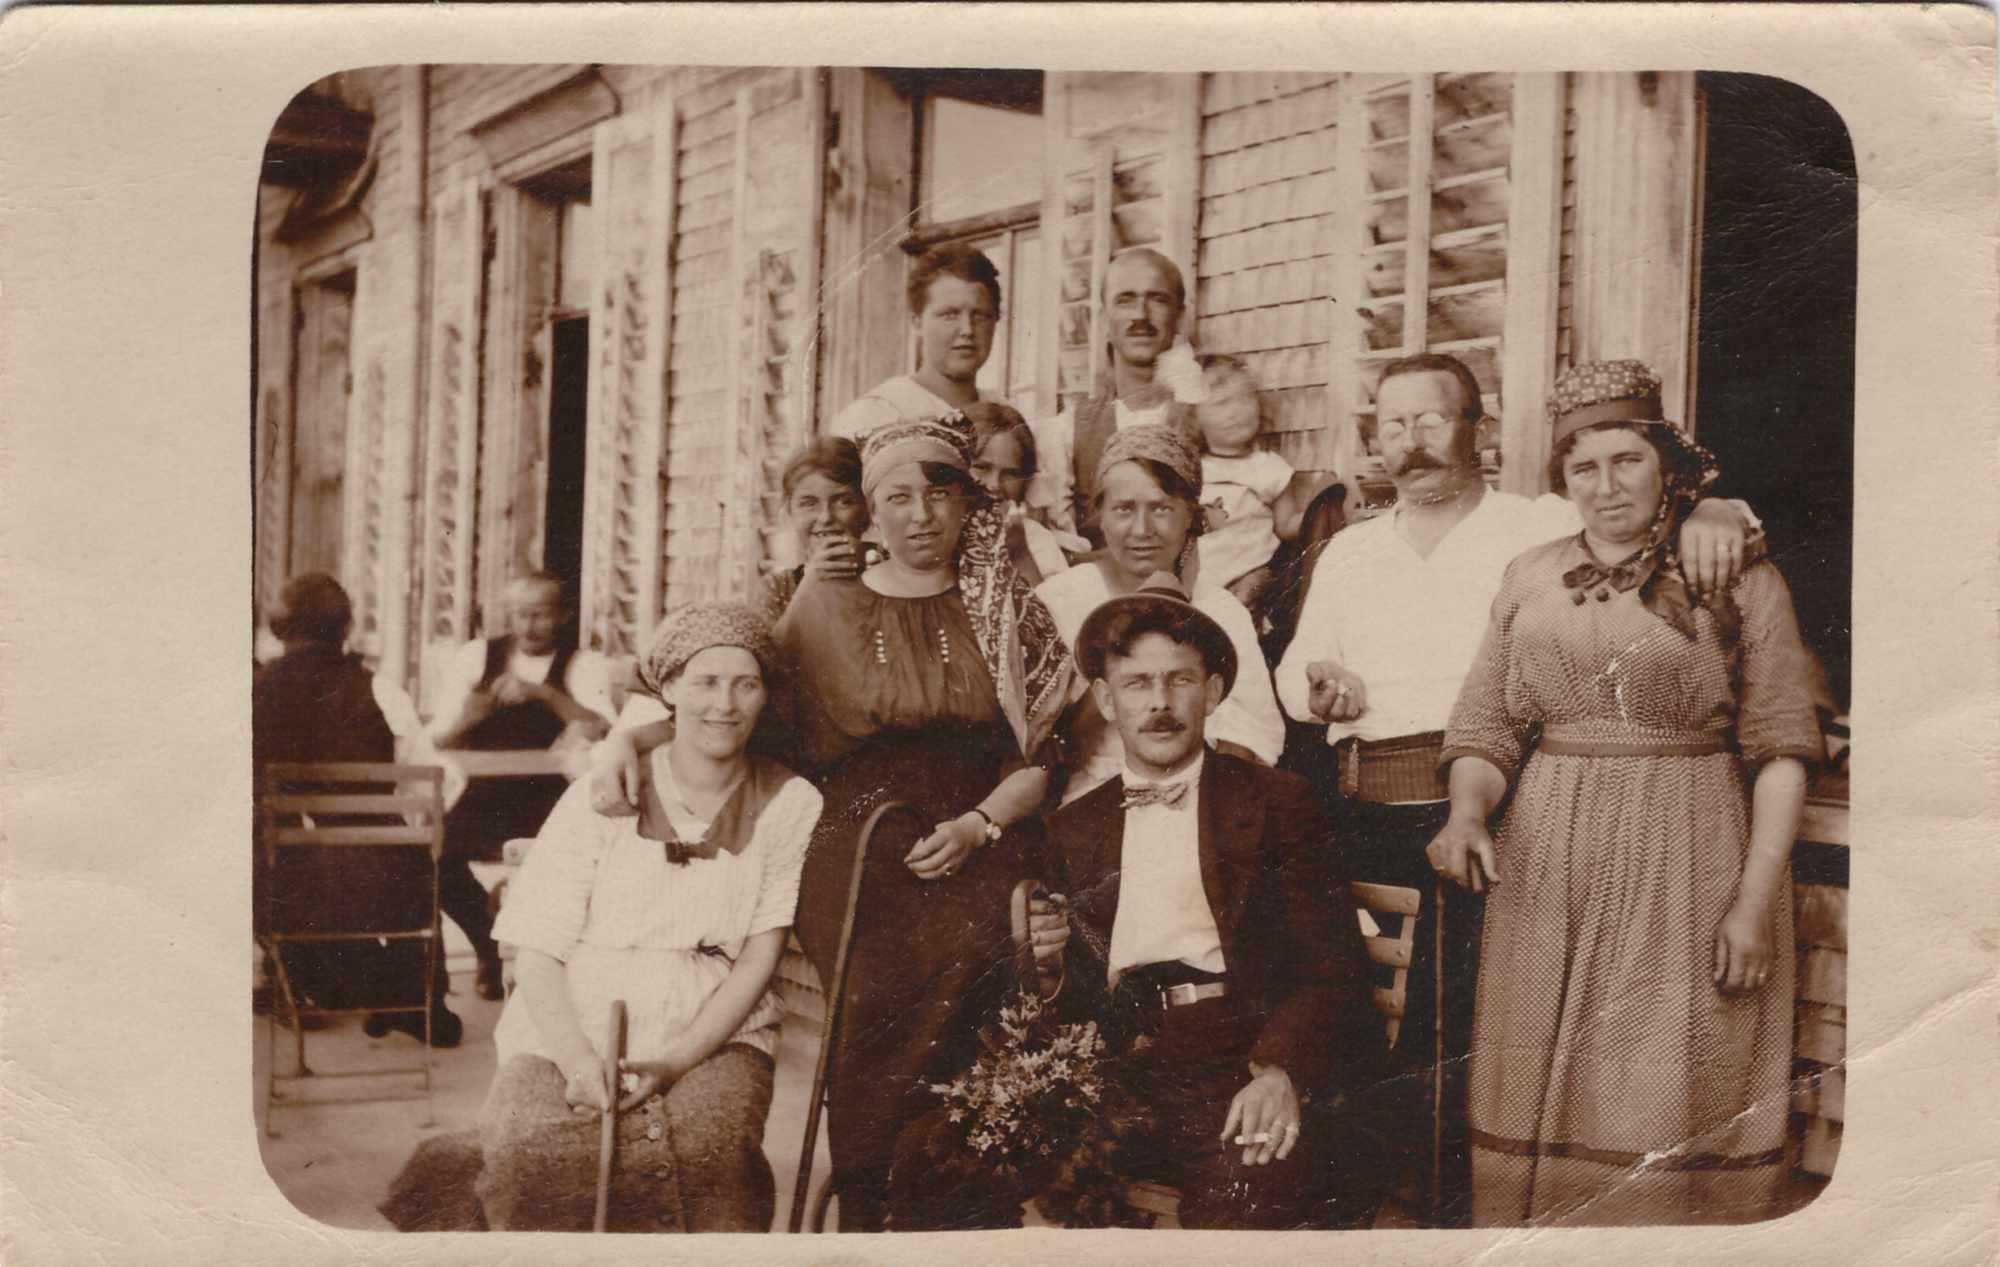 Bild: Familienfoto mit Maria Baumann(oberste Reihe links) ev. 1914